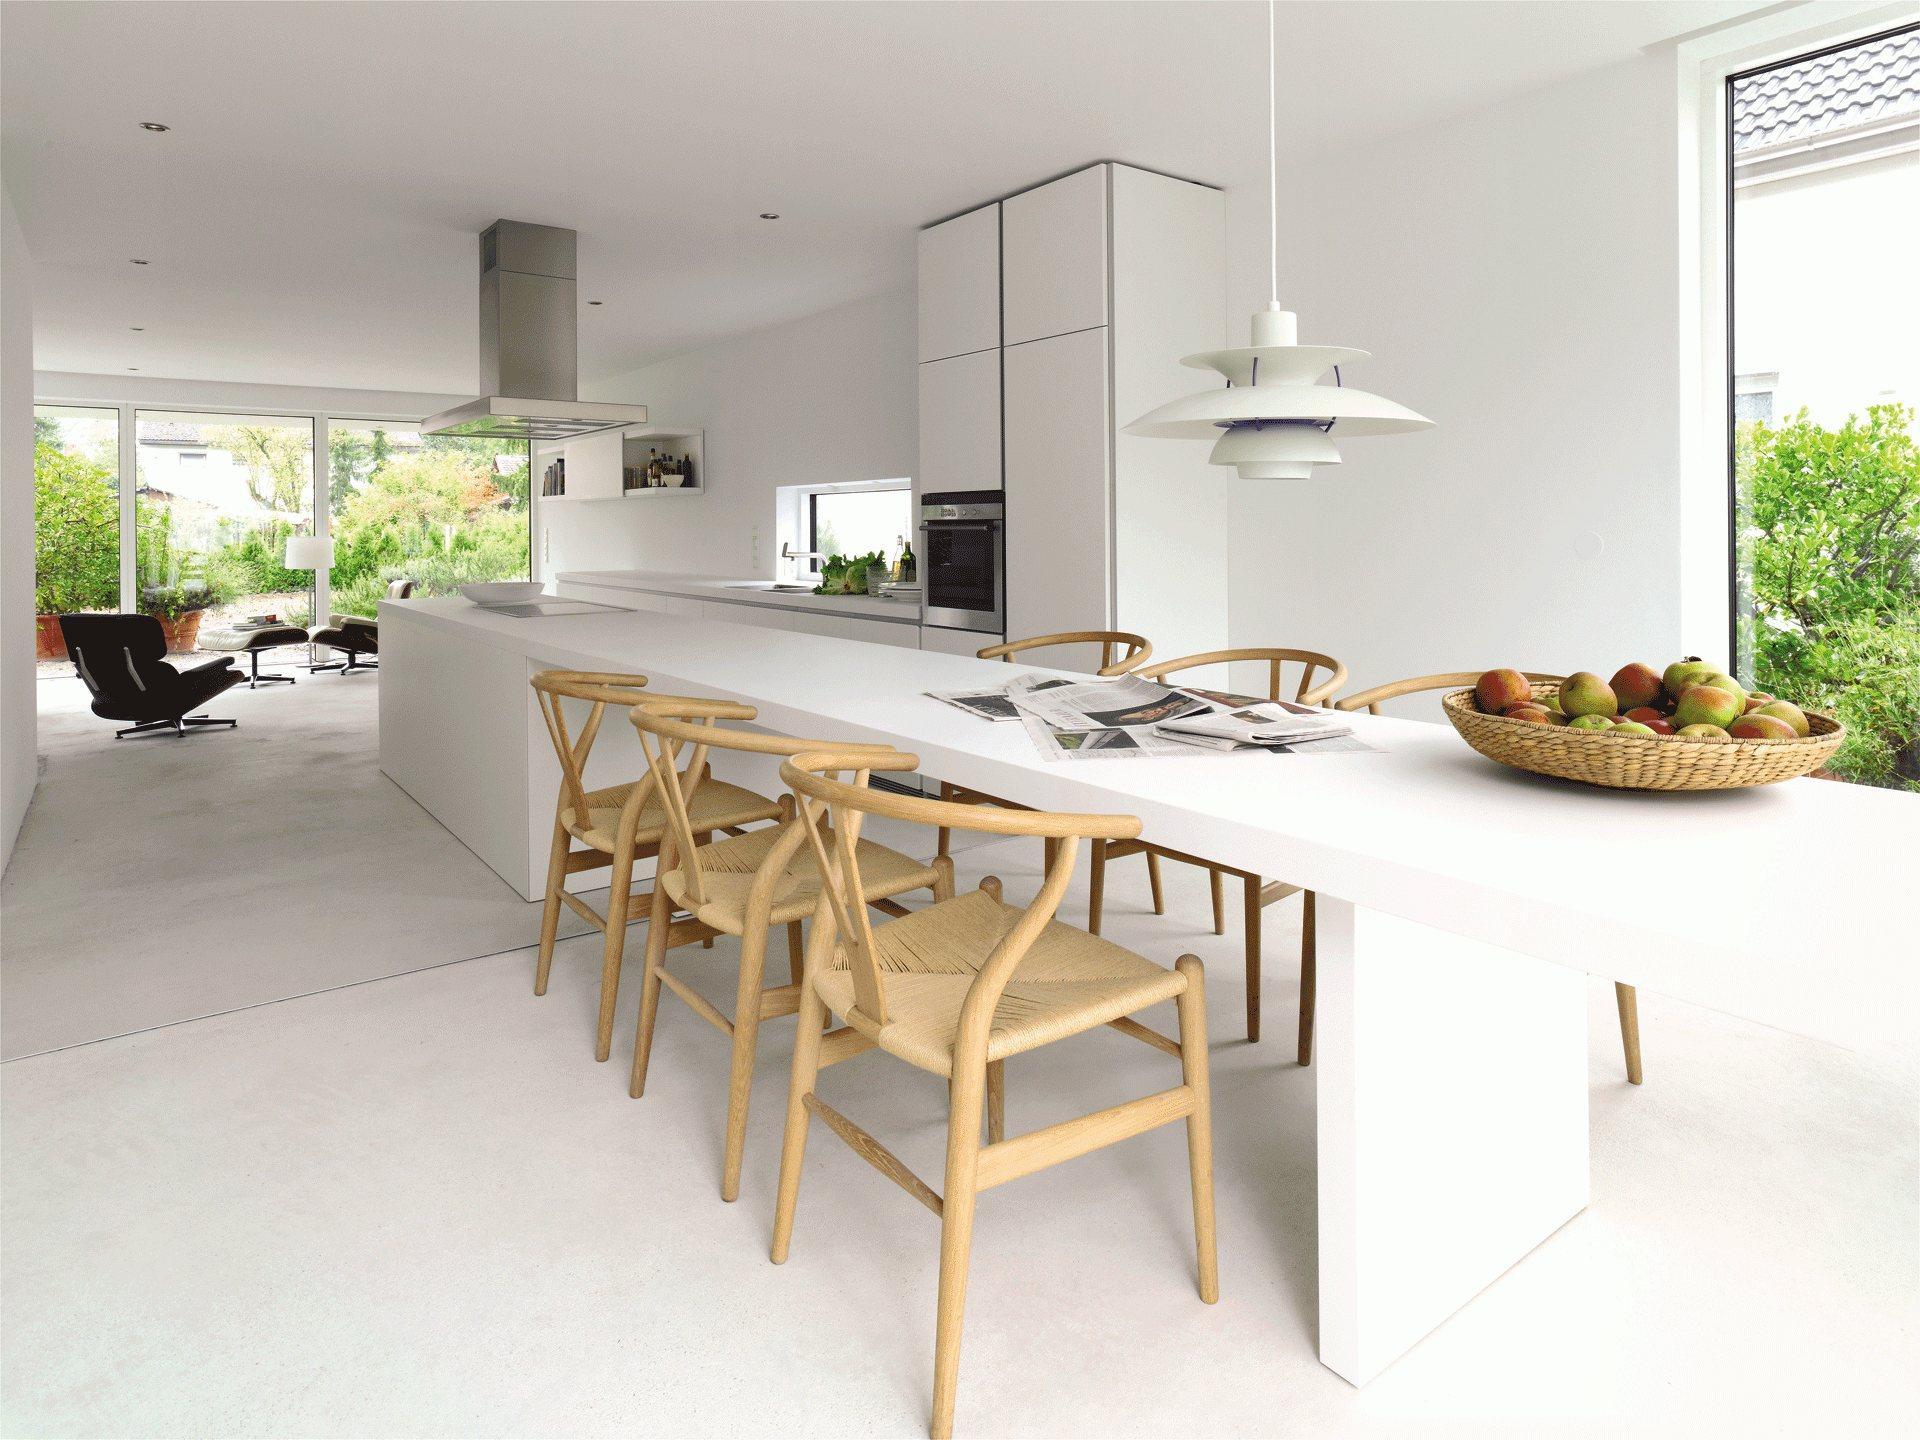 lluck architecte d 39 int rieur mobilier contemporain montpellier. Black Bedroom Furniture Sets. Home Design Ideas